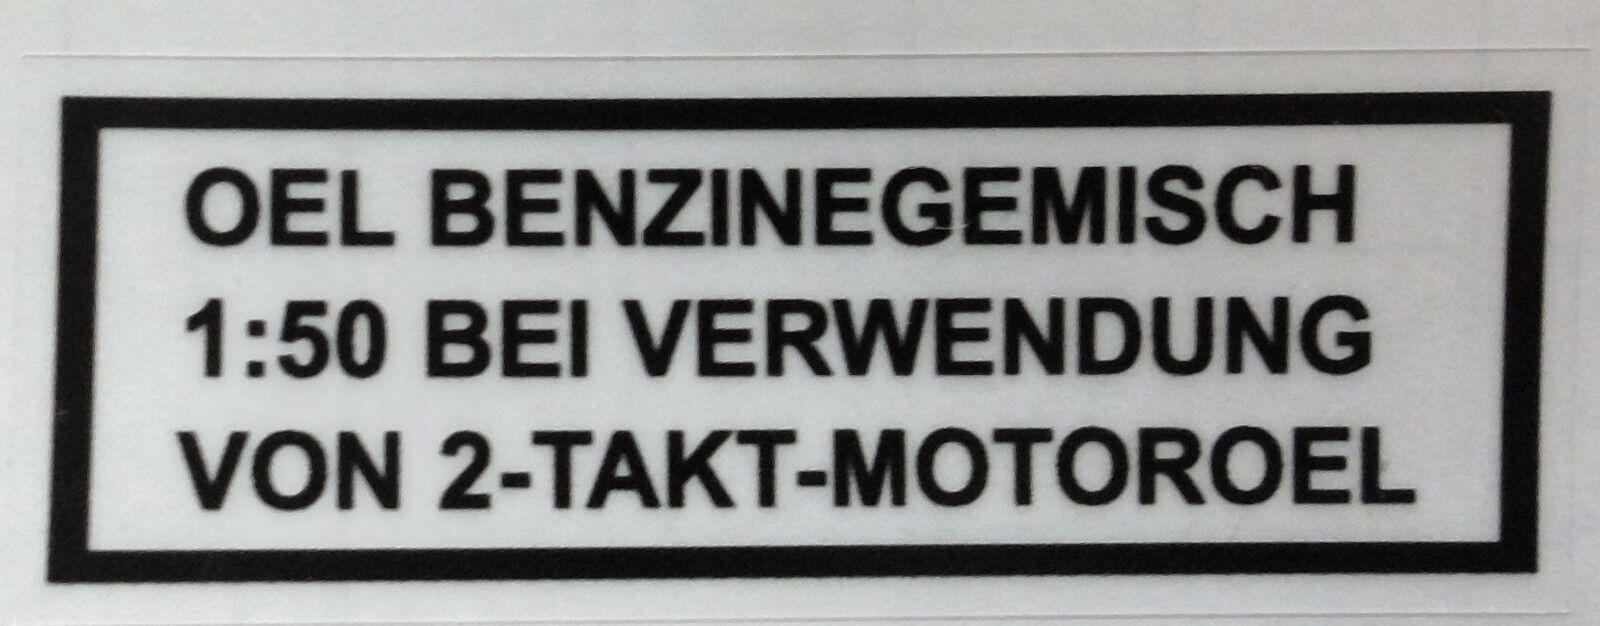 Puch Trockenabzug Sticker Black Oil Benzingemisch 1:50 at Use 2-Takt